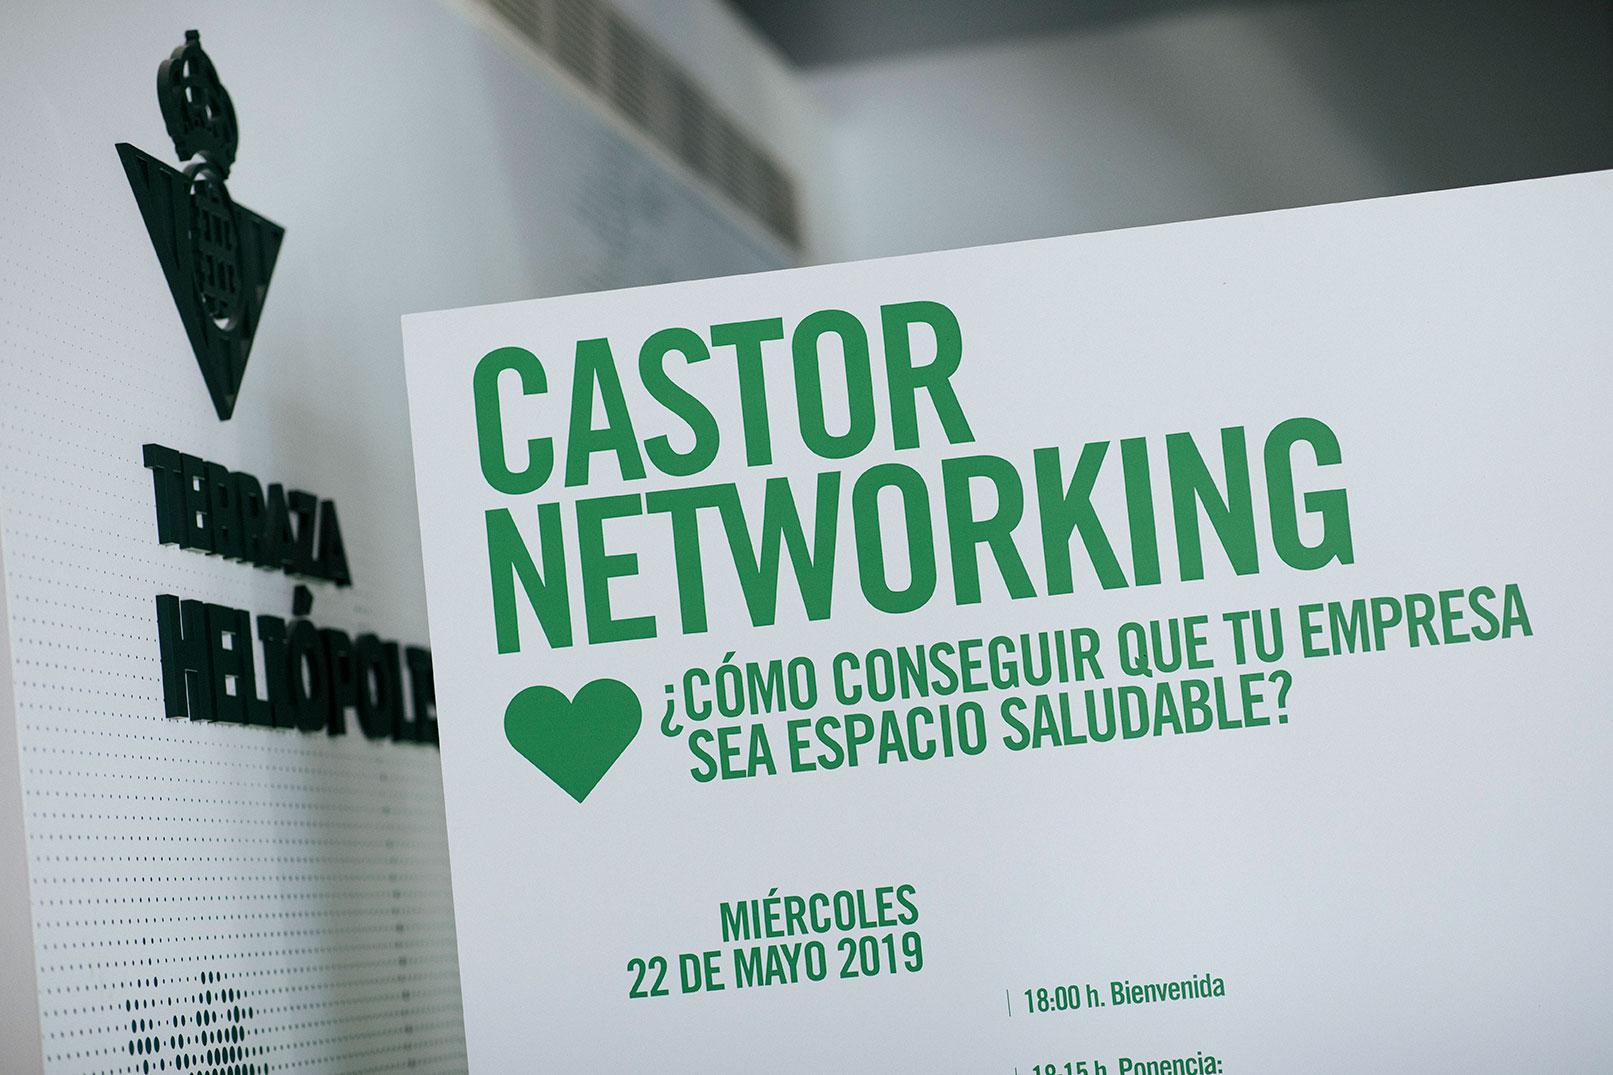 Limpiezas Castor. Castor-0009 Empresa de Limpieza Granada. Limpiezas Castor